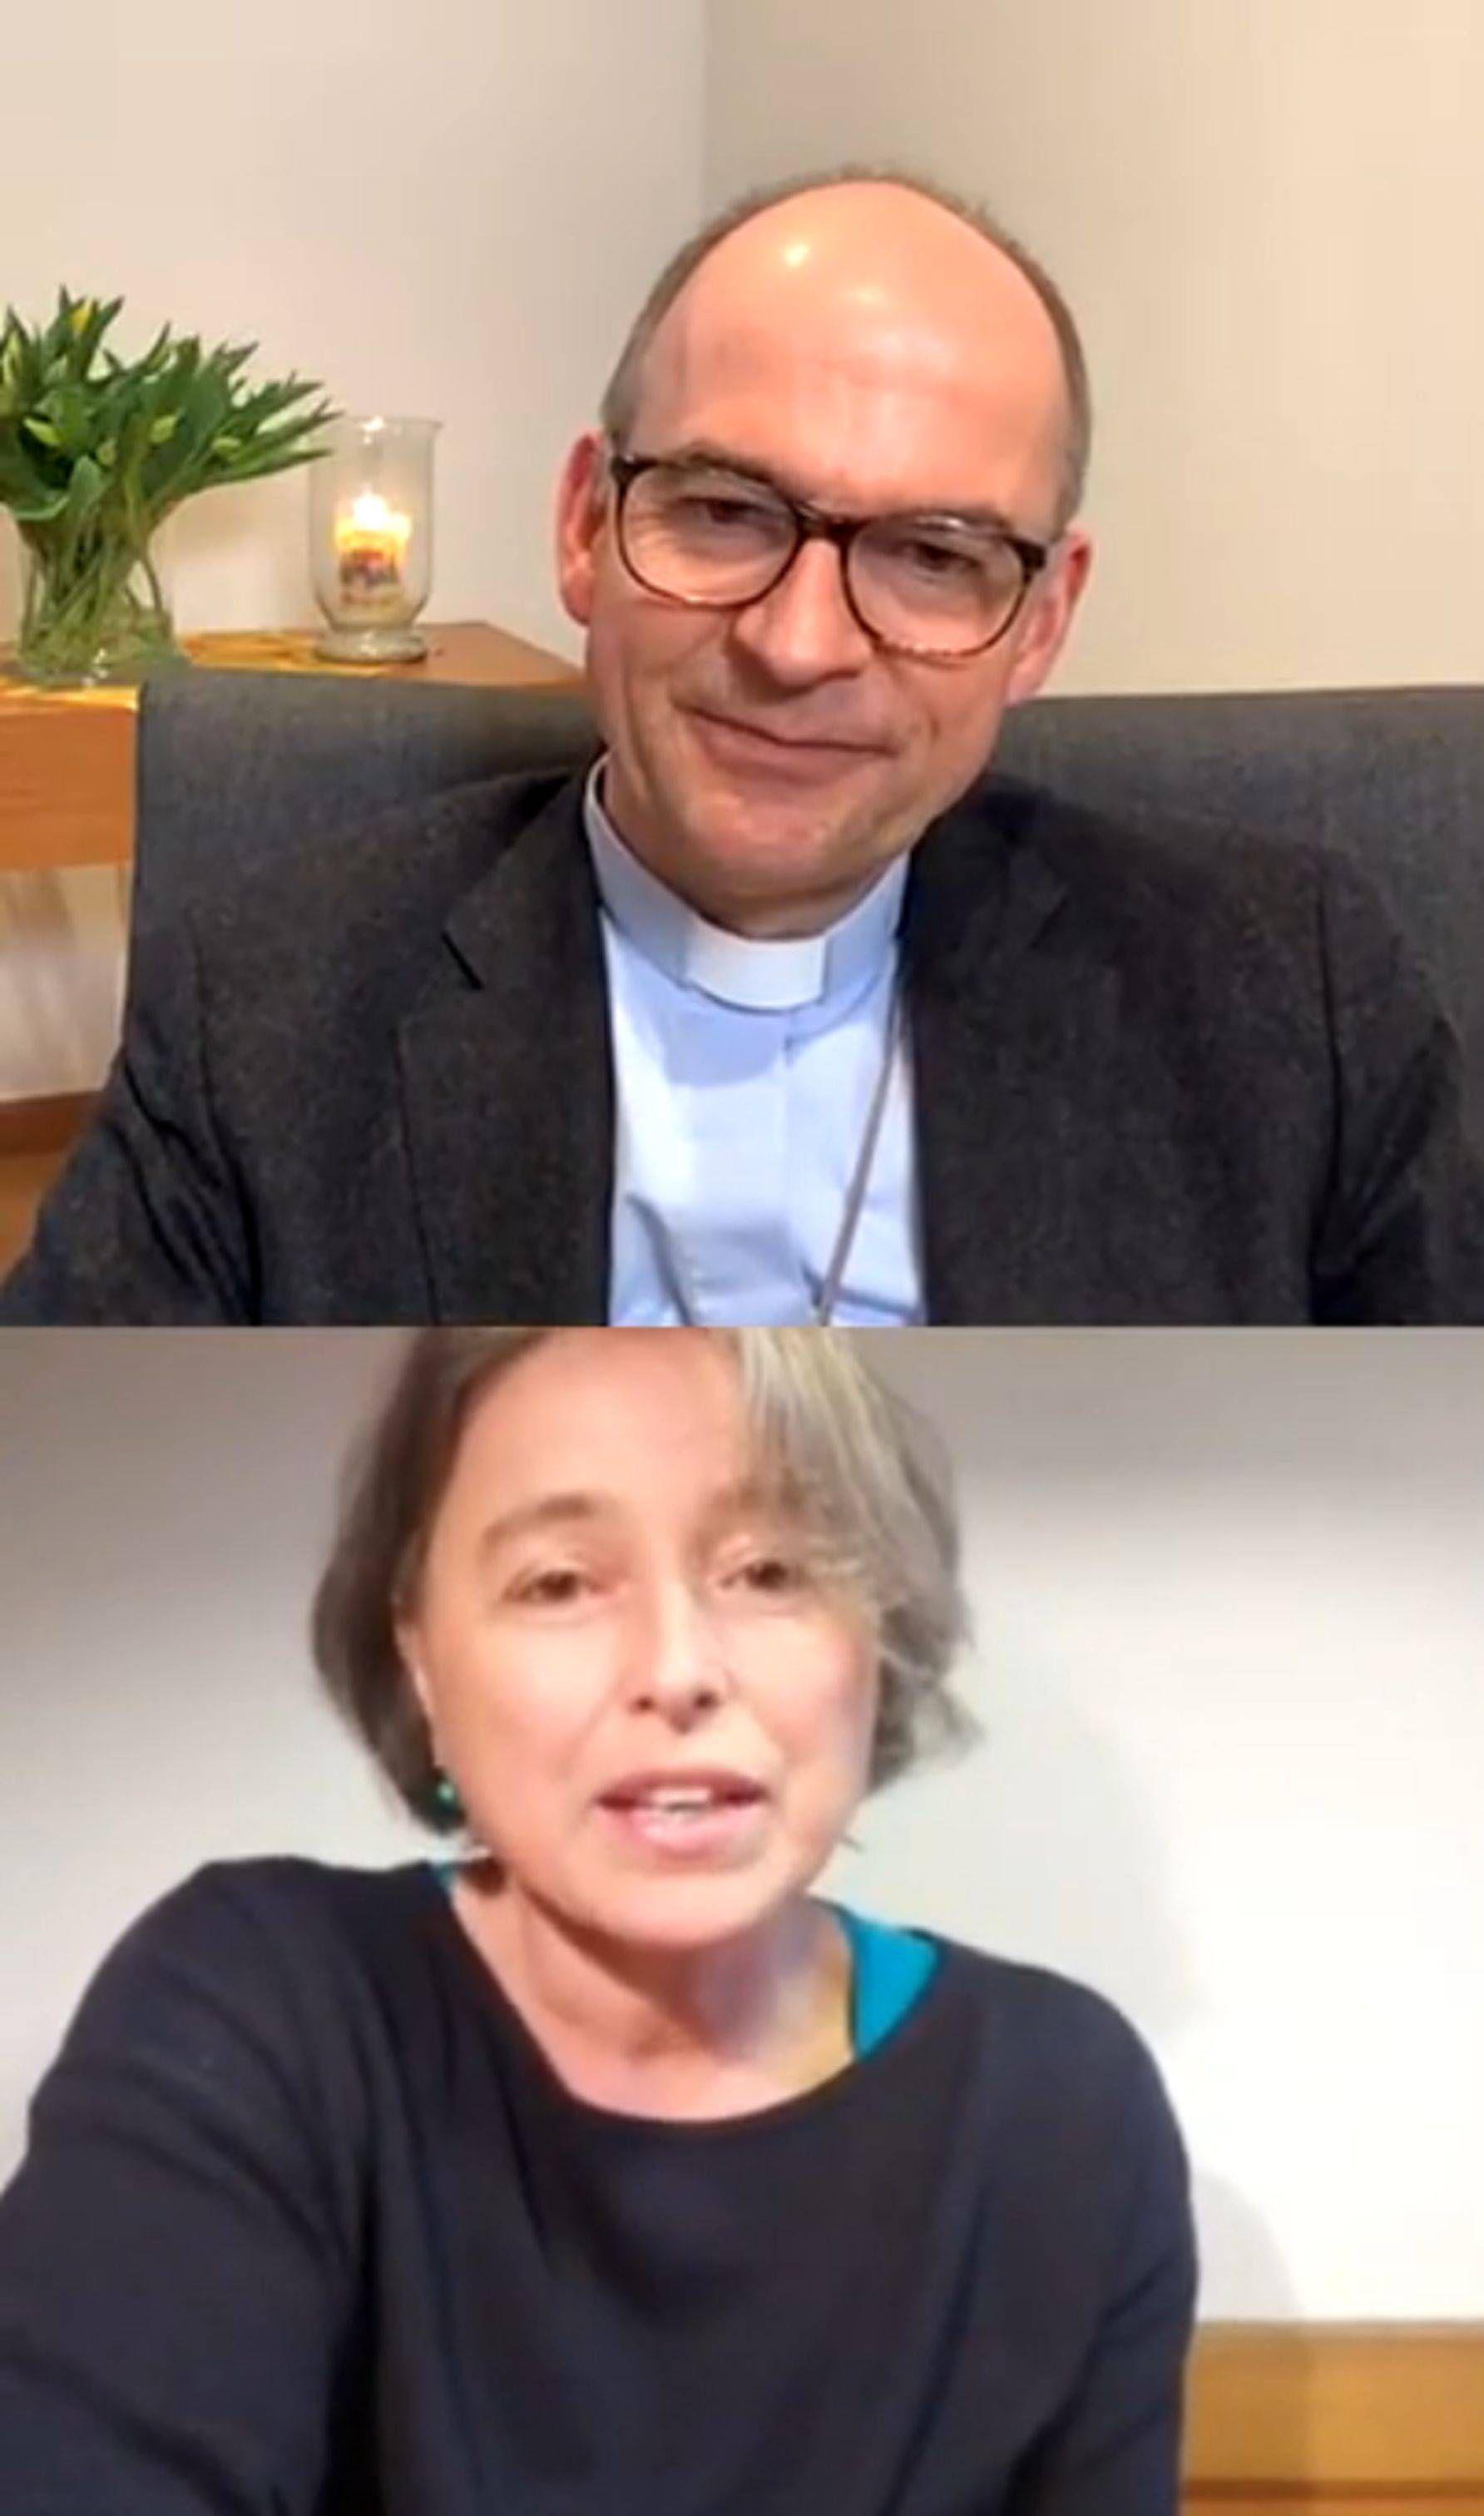 """BIschof Dr. Franz Jung sprach in der Reihe #zwei1einhalb auf Instagram mit Elke Wolz-Nagel, Leiterin der katholischen Kita """"Haus für Kinder"""" in  Gaukönigshofen."""